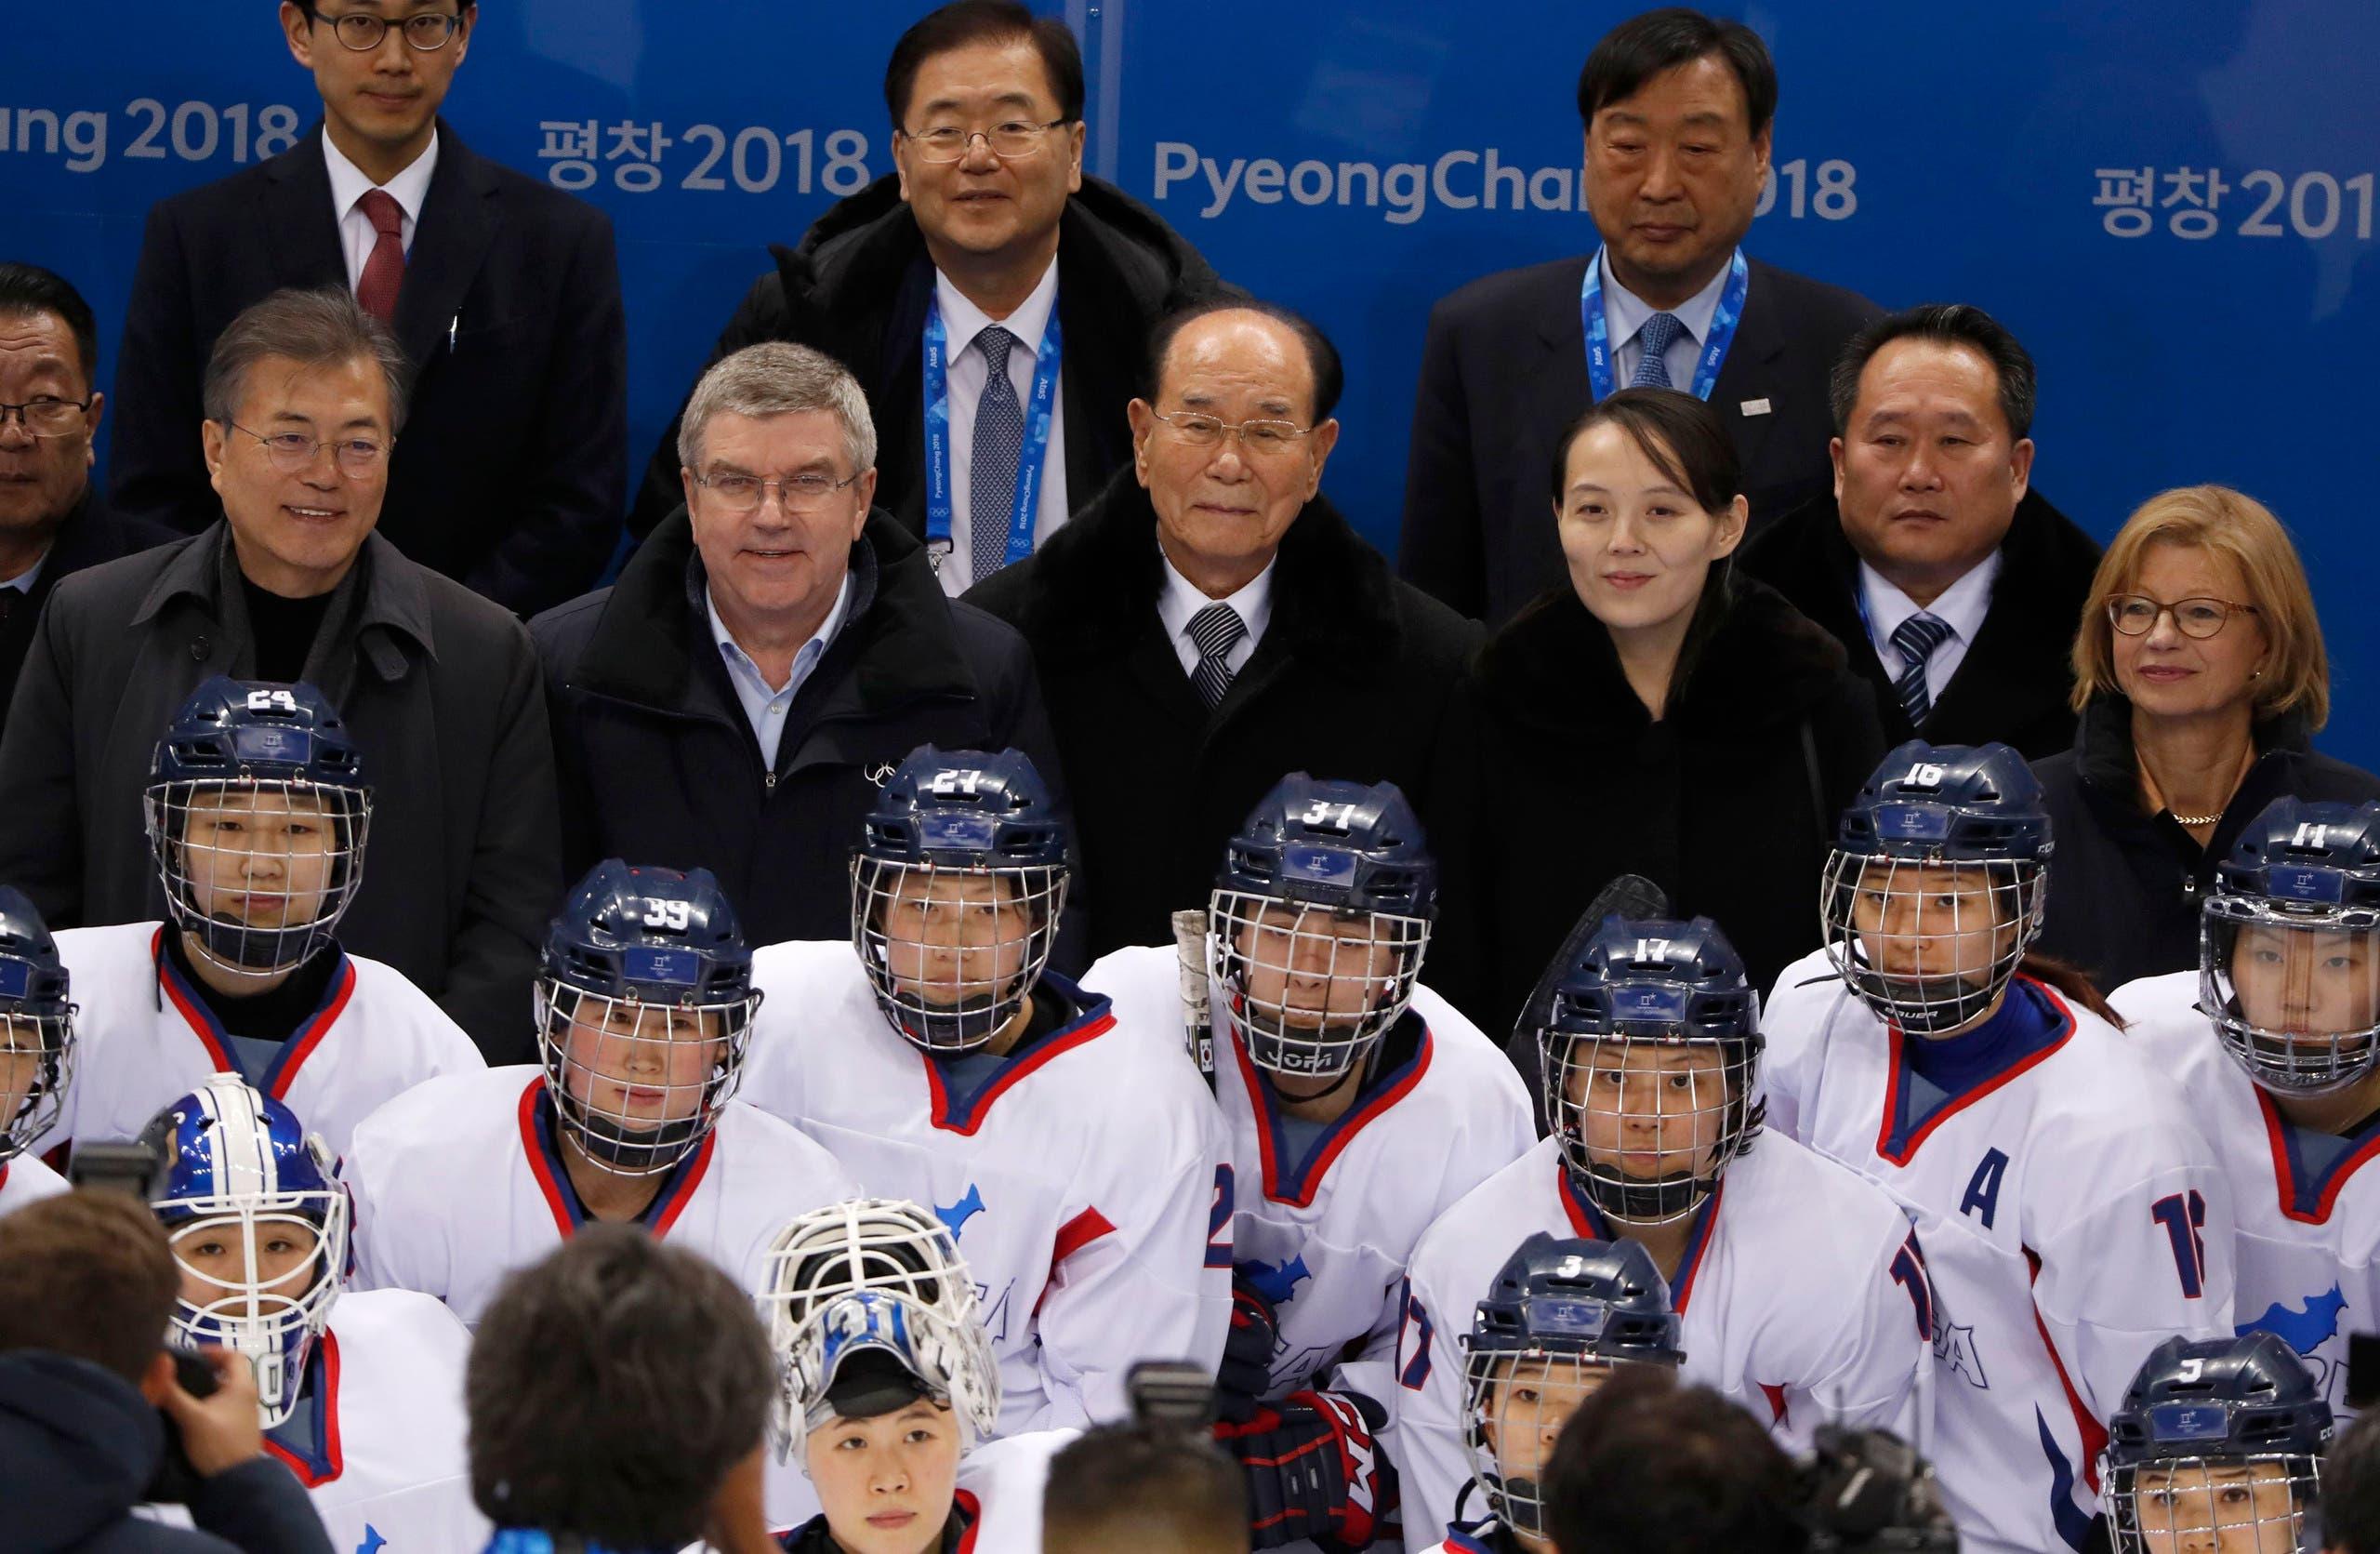 فريق هوكي الجليد النسائي الموحد ووراءه مسؤولون من الكوريتين